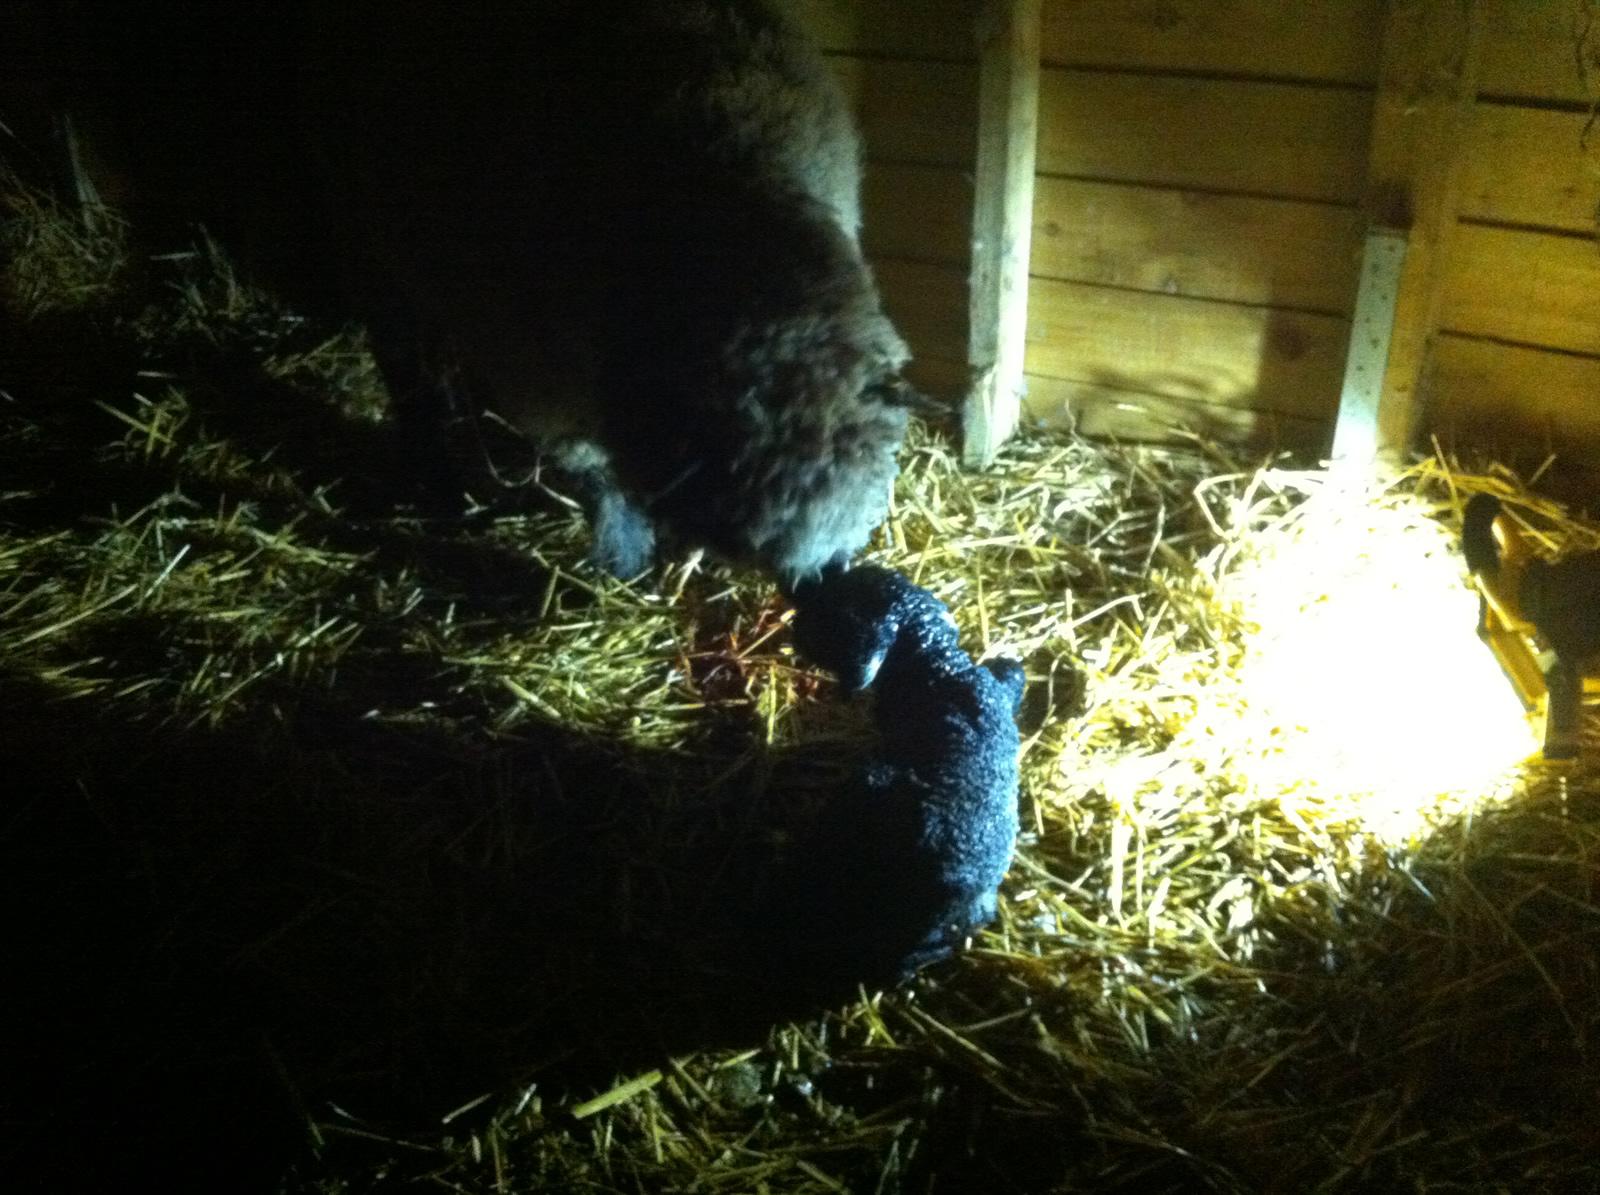 Bluemli and Wart just born